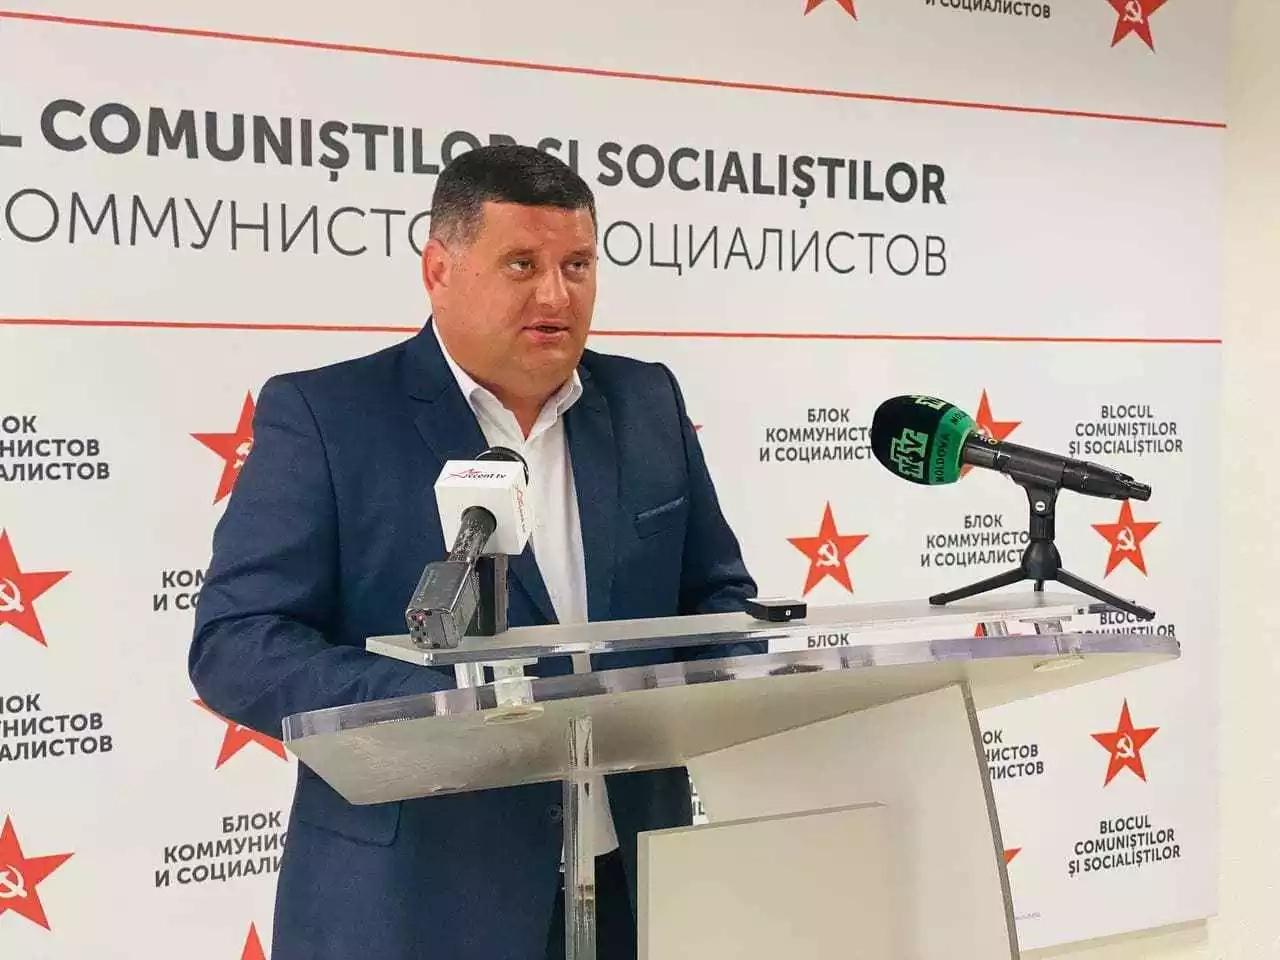 Blocul Comuniștilor și Socialiștilor propune instituirea controlului strict al prețurilor de către stat